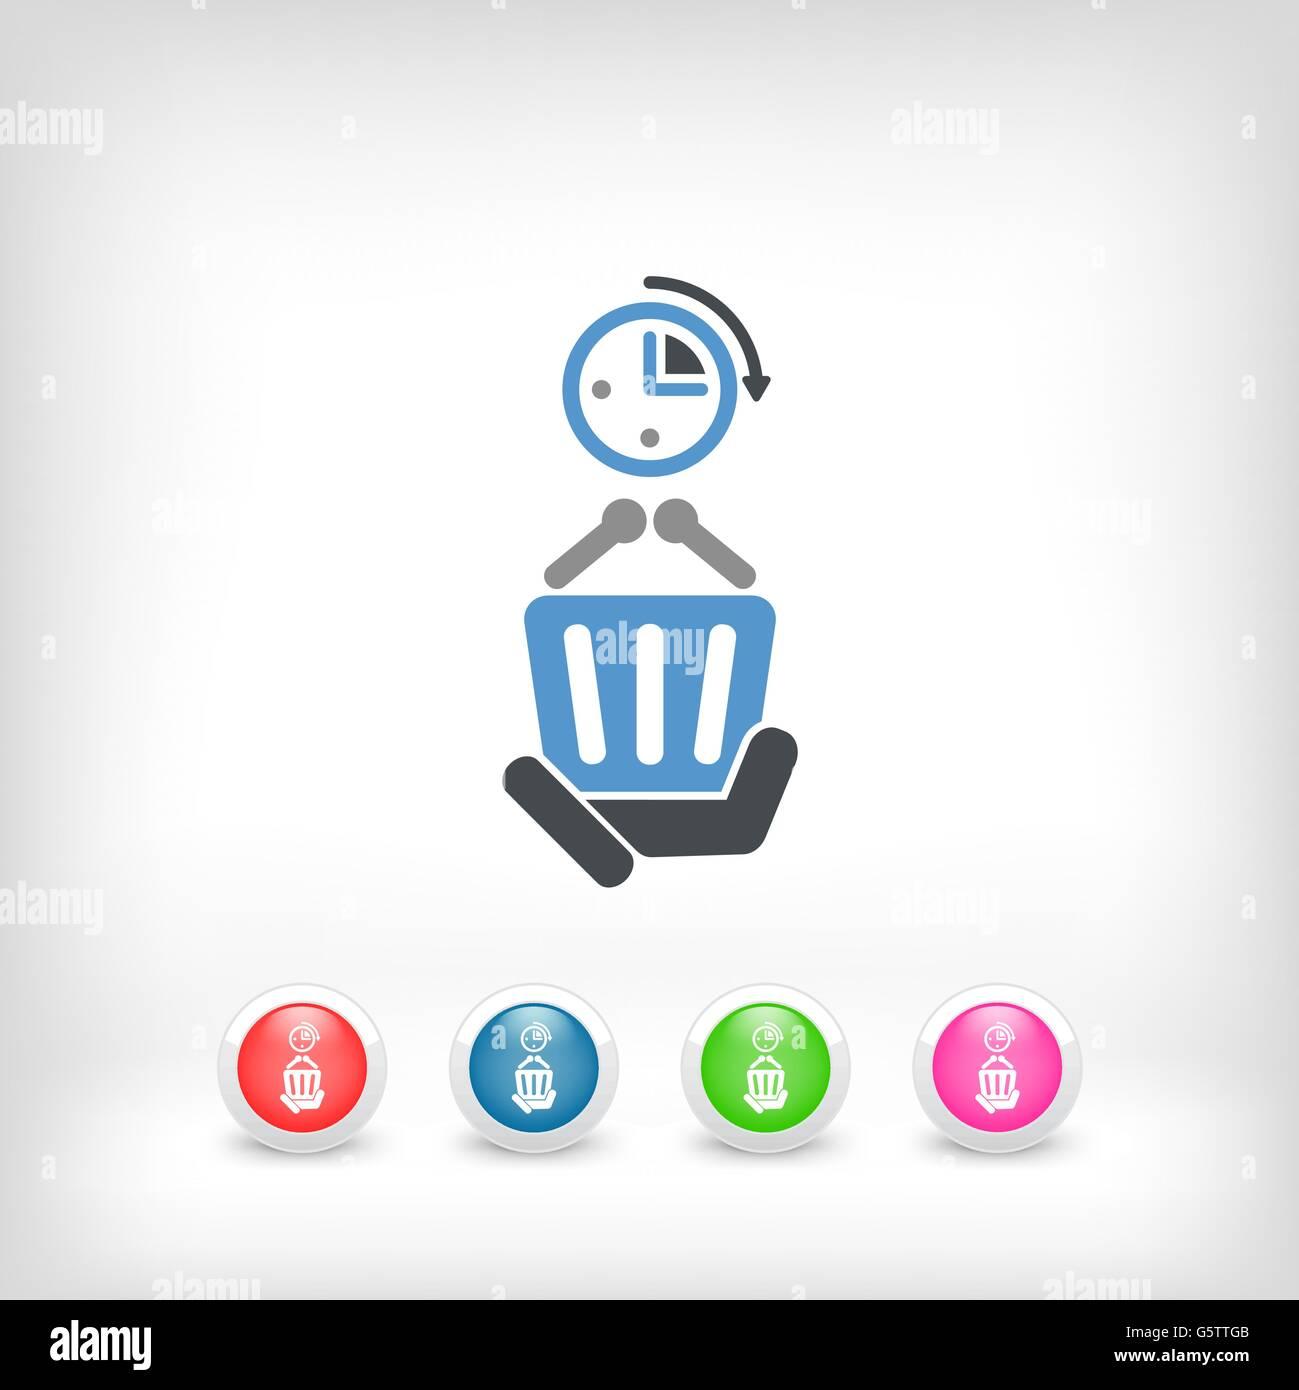 Shopping time - Stock Vector